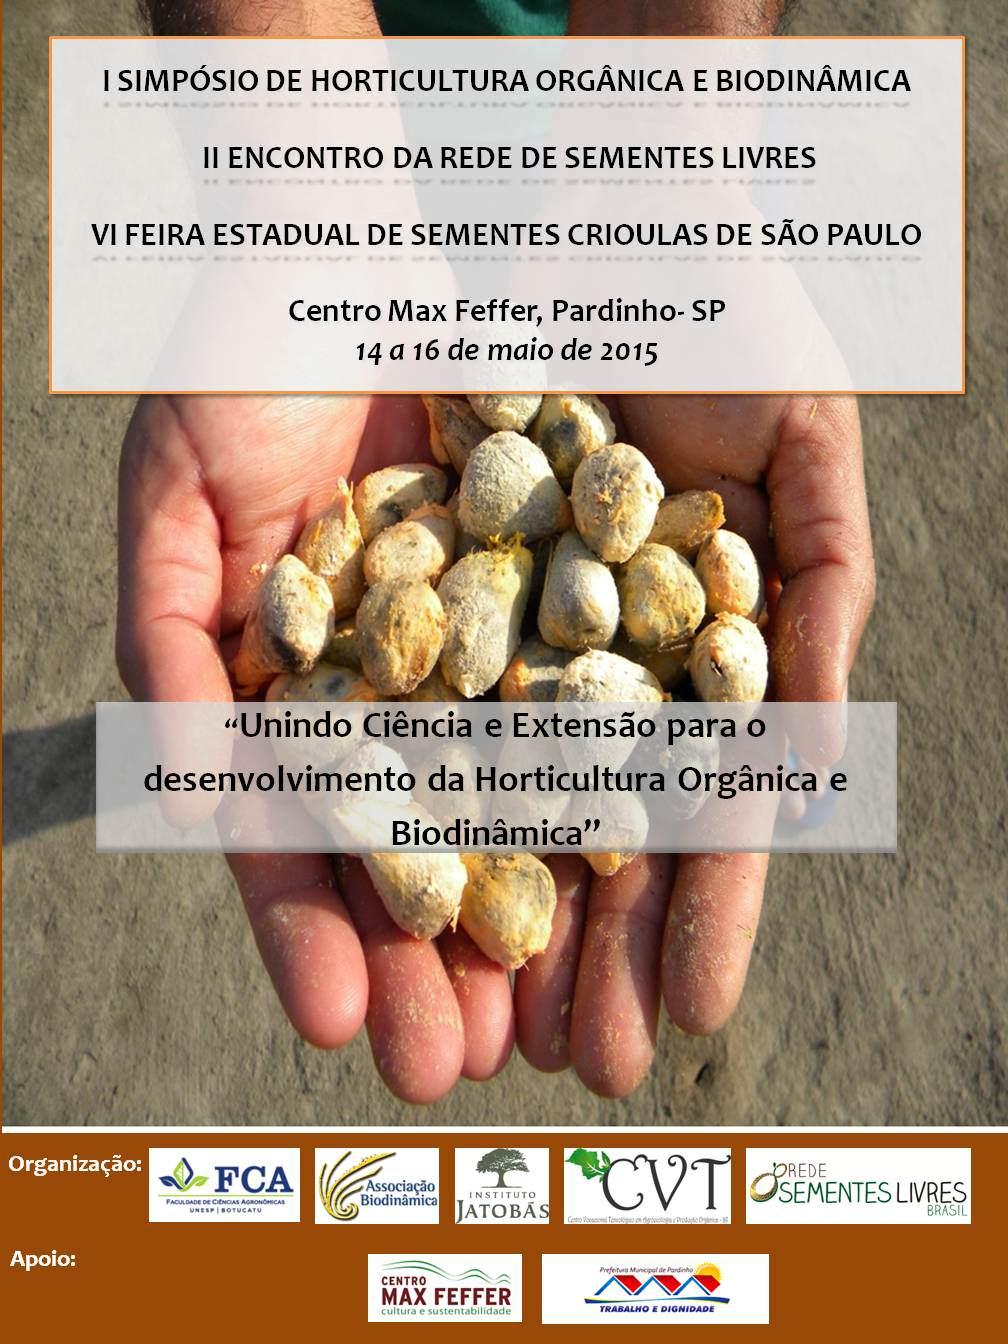 I Simpósio de Horticultura Orgânica e Biodinâmica / II Encontro da Rede de Sementes Livres / VI Feira Estadual de Sementes Crioulas de São Paulo